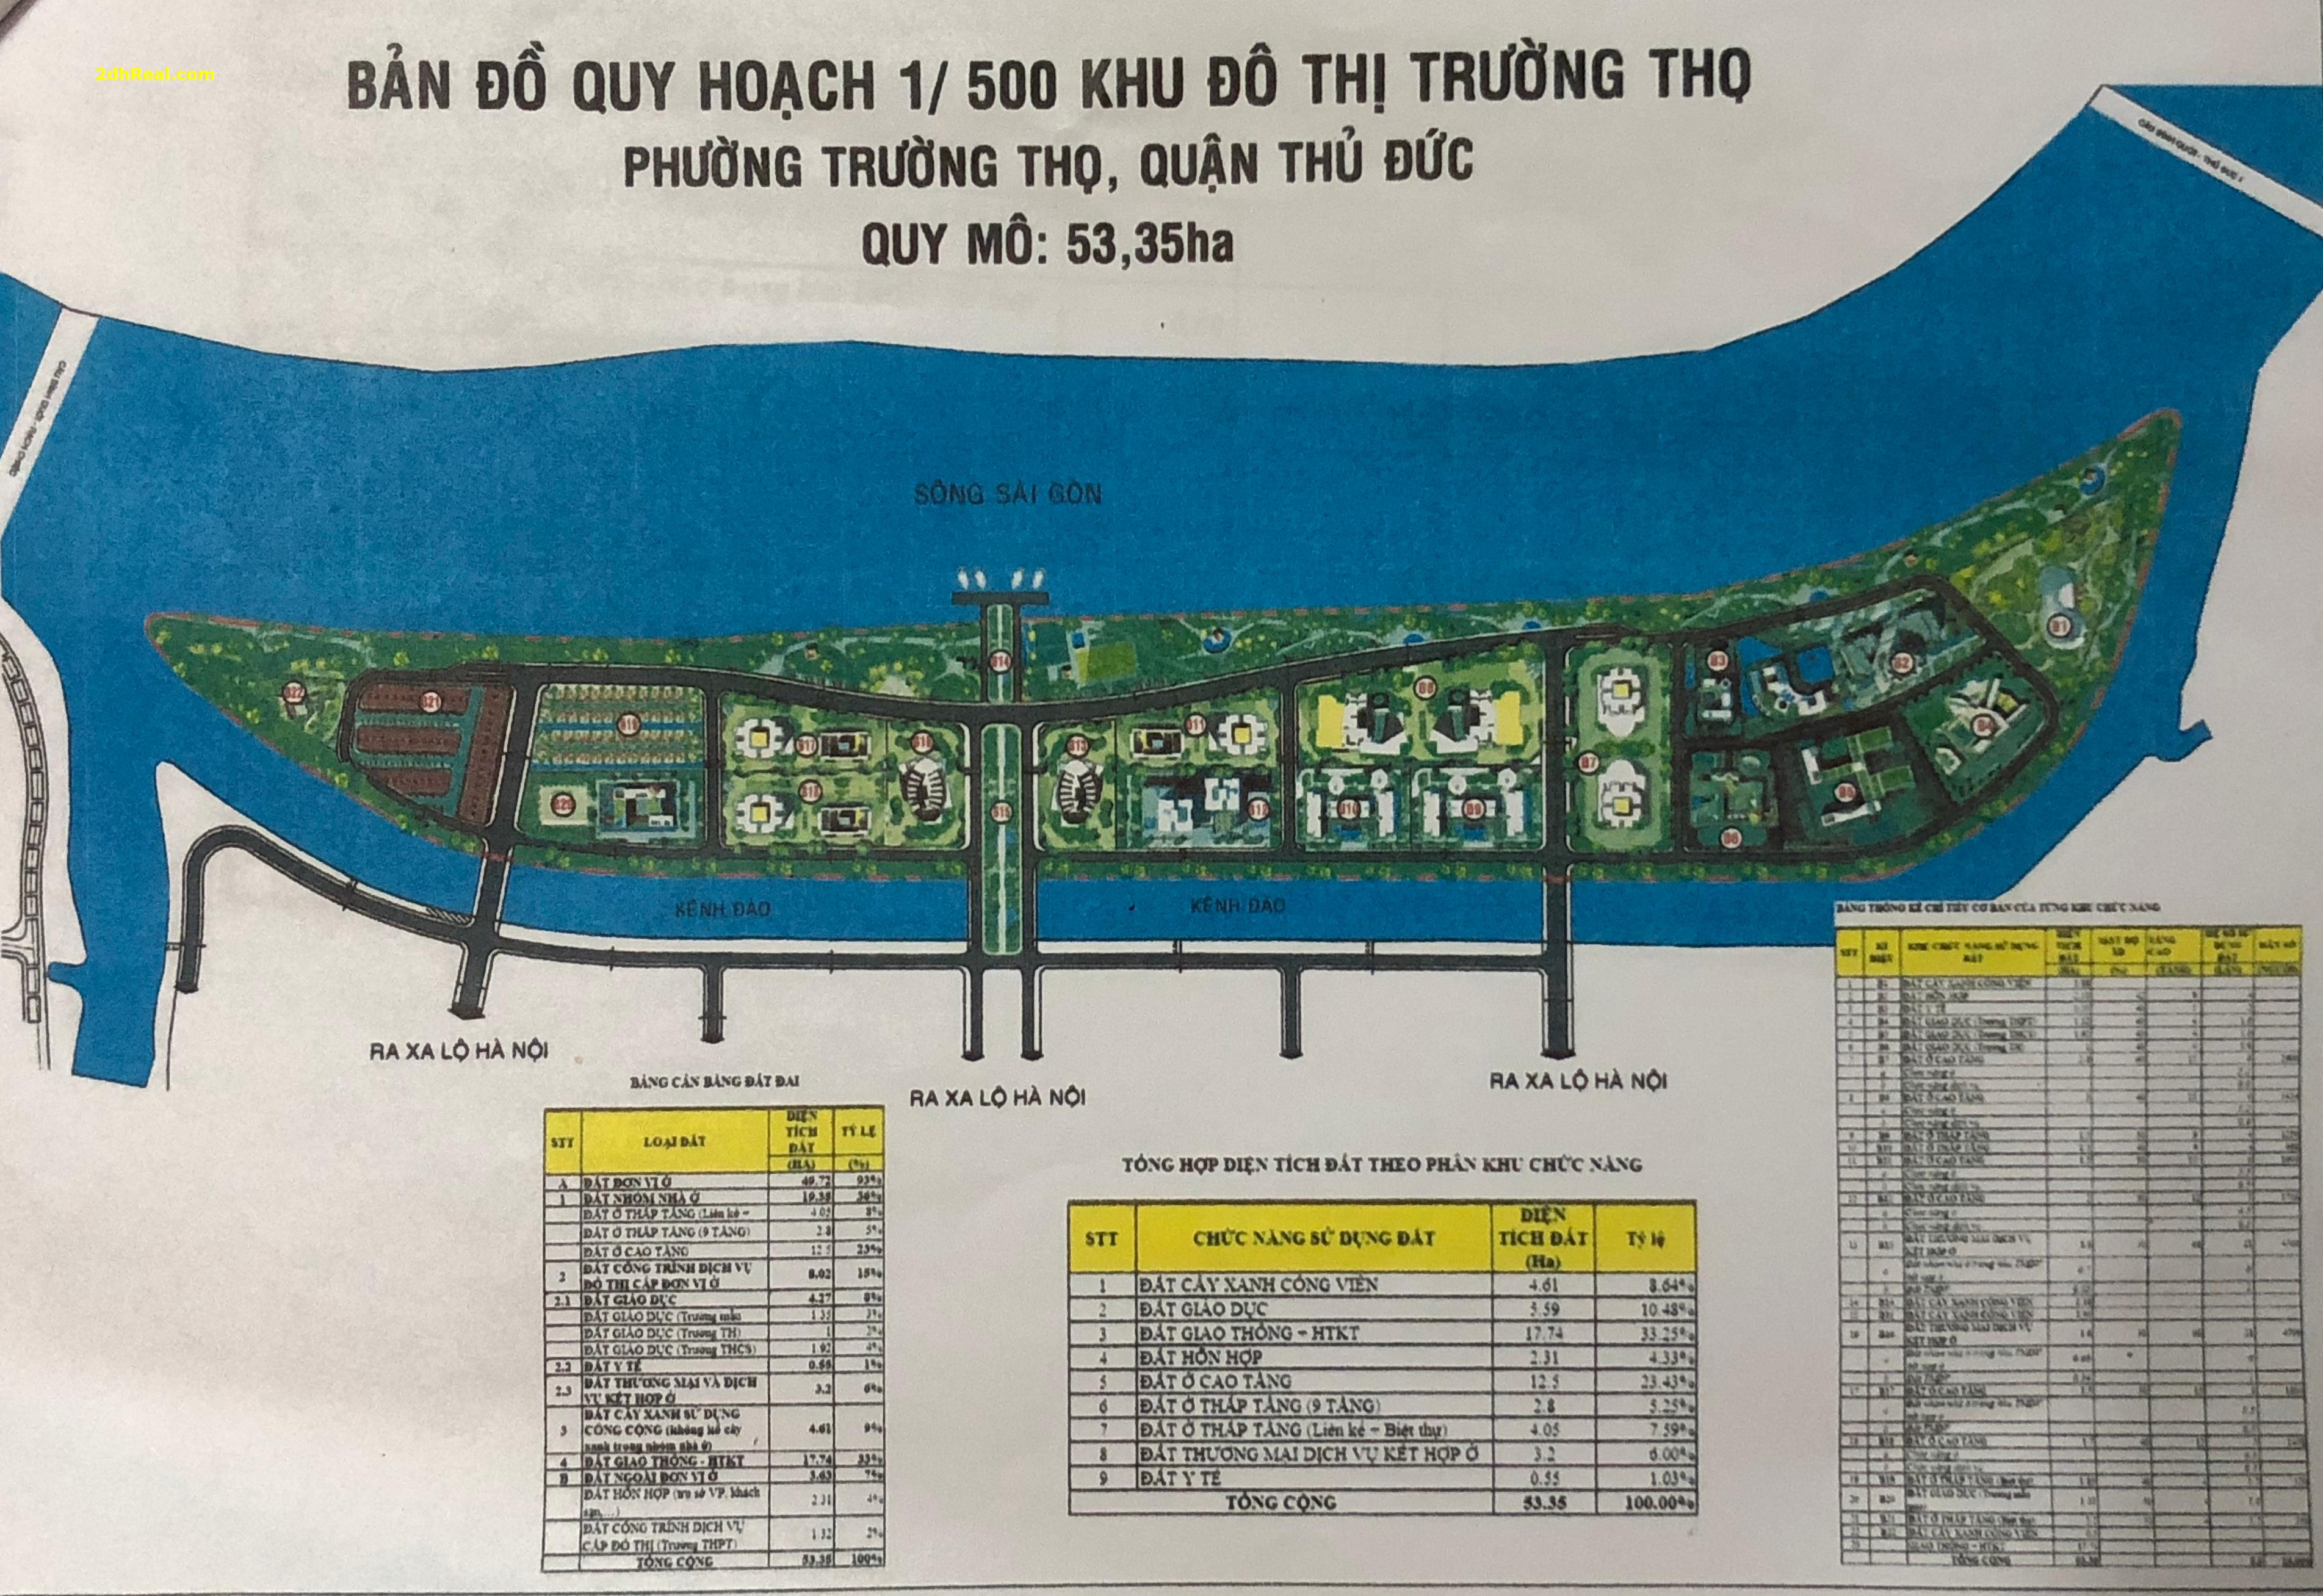 Bán dự án 53,35ha khu đô thị Trường Thọ, phường Trường Thọ, quận Thủ Đức, Tp.HCM